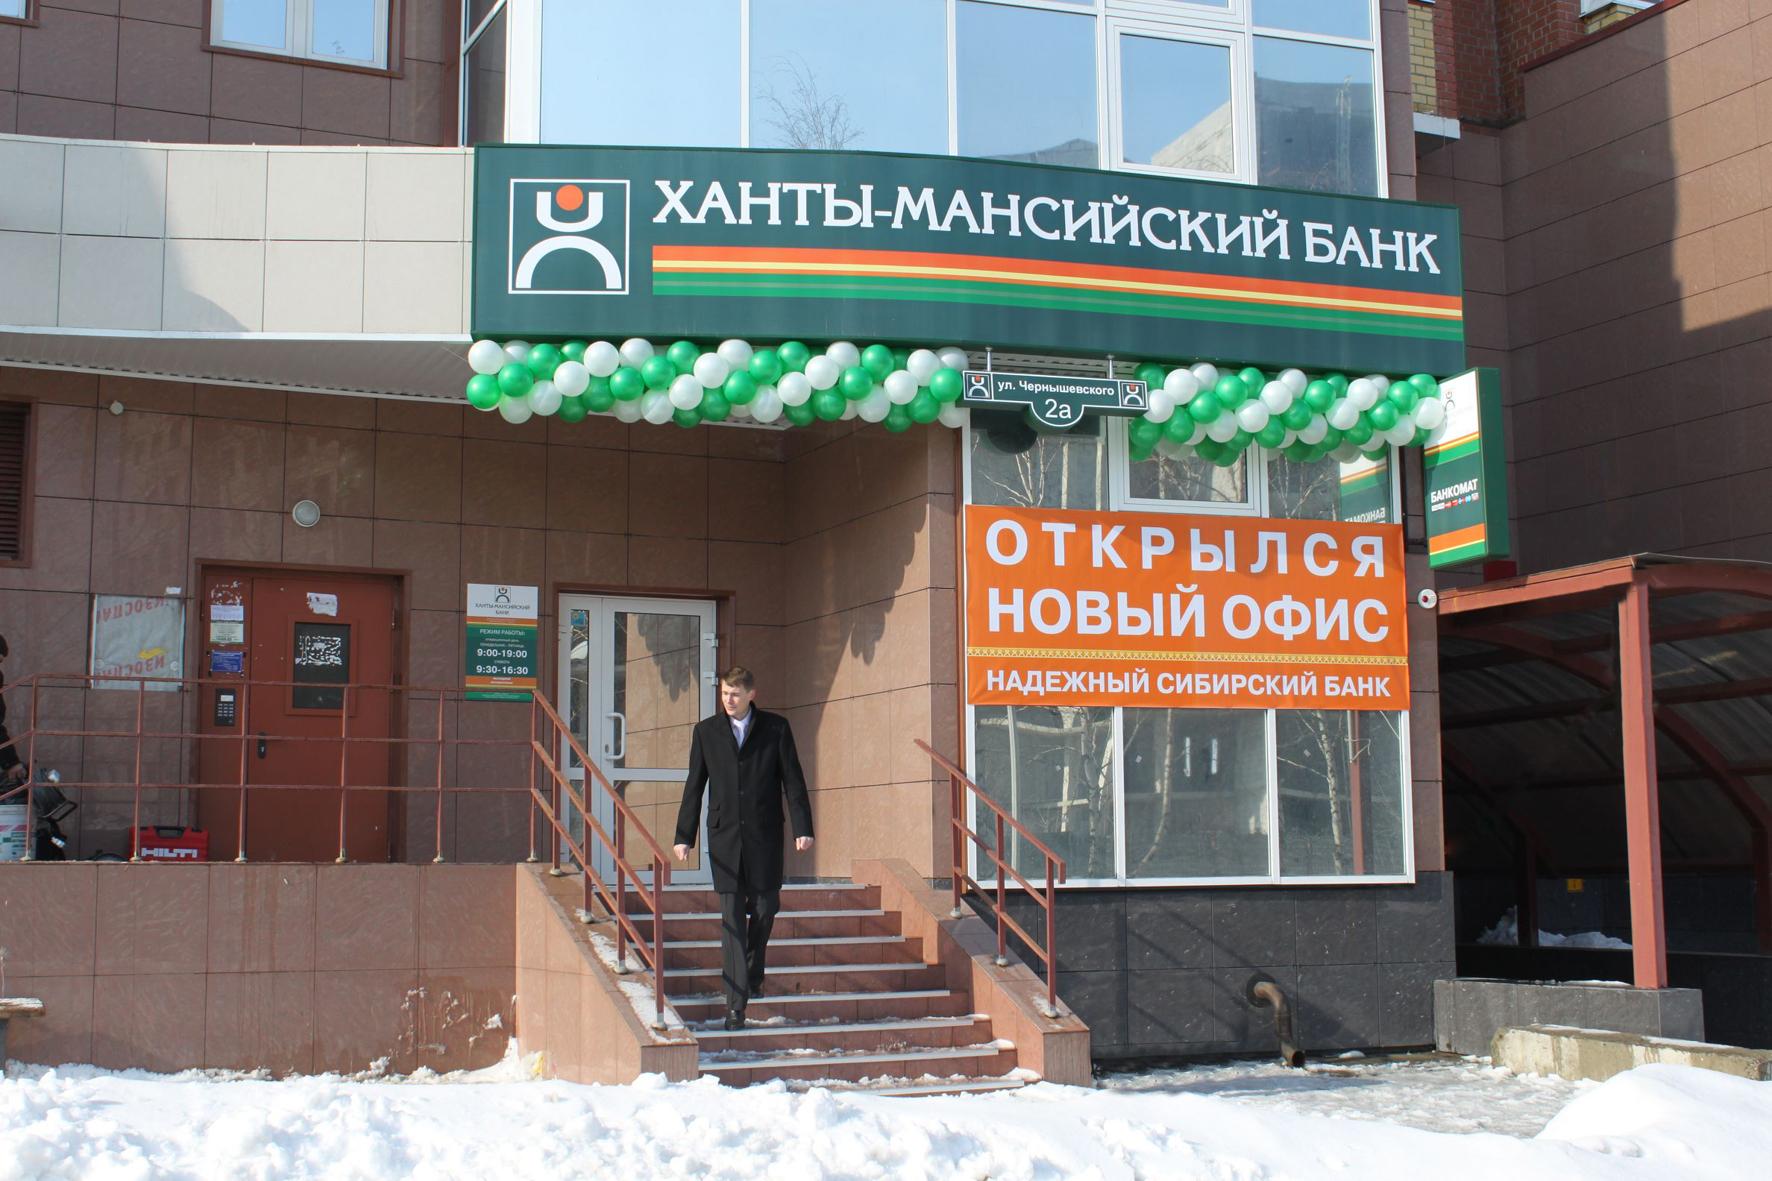 Офис банка